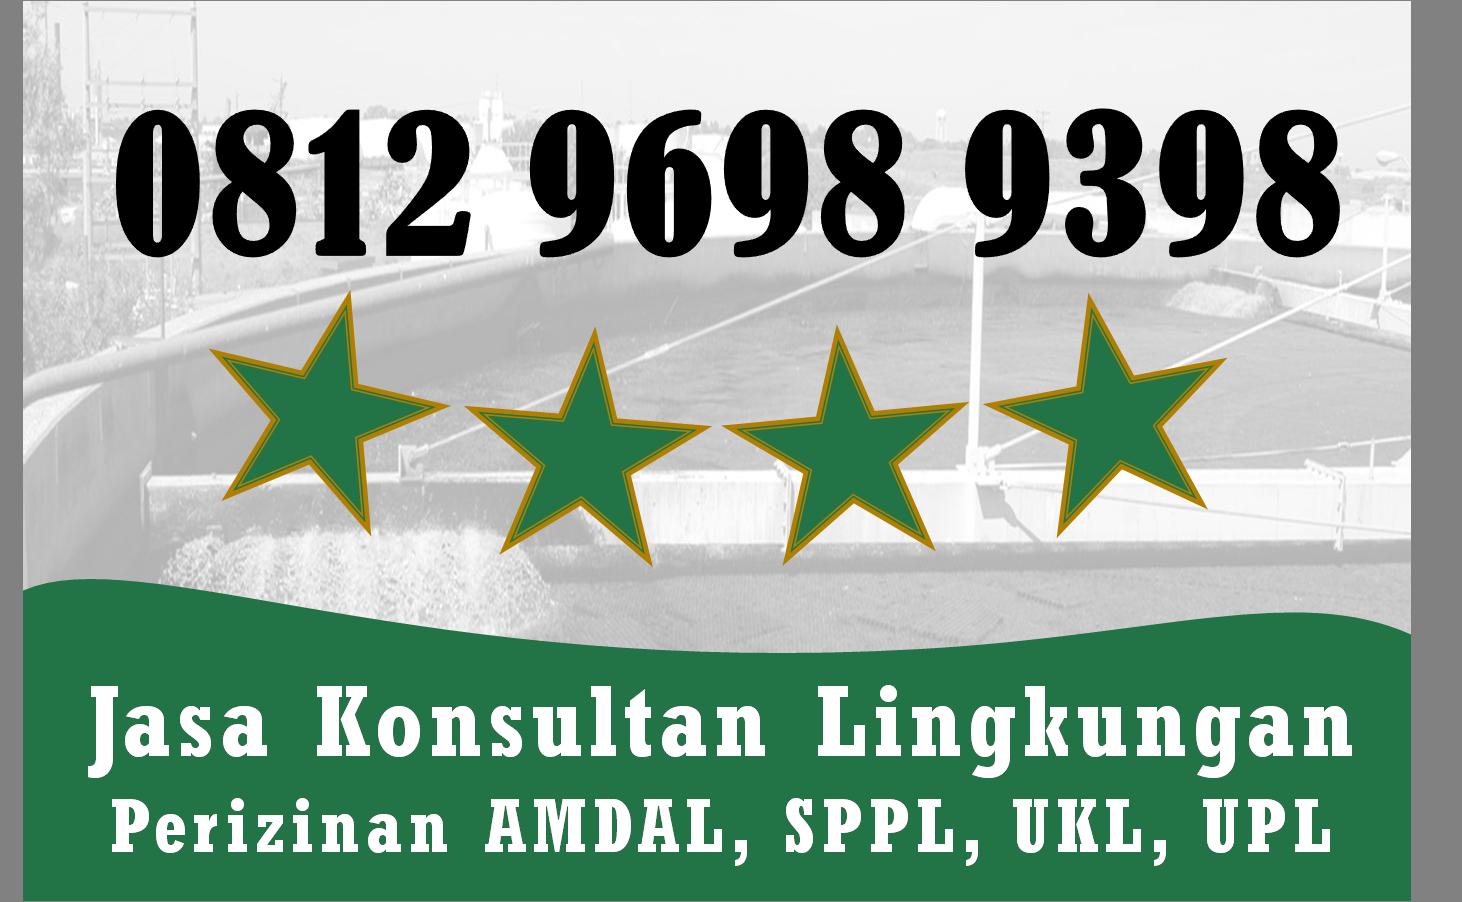 Kontak Kami Telp Wa 0812 9698 9398 Cara Menjadi Konsultan Lingkungan Banten Di 2020 Kota Bukittinggi Kendaraan Kota Mobil Kota